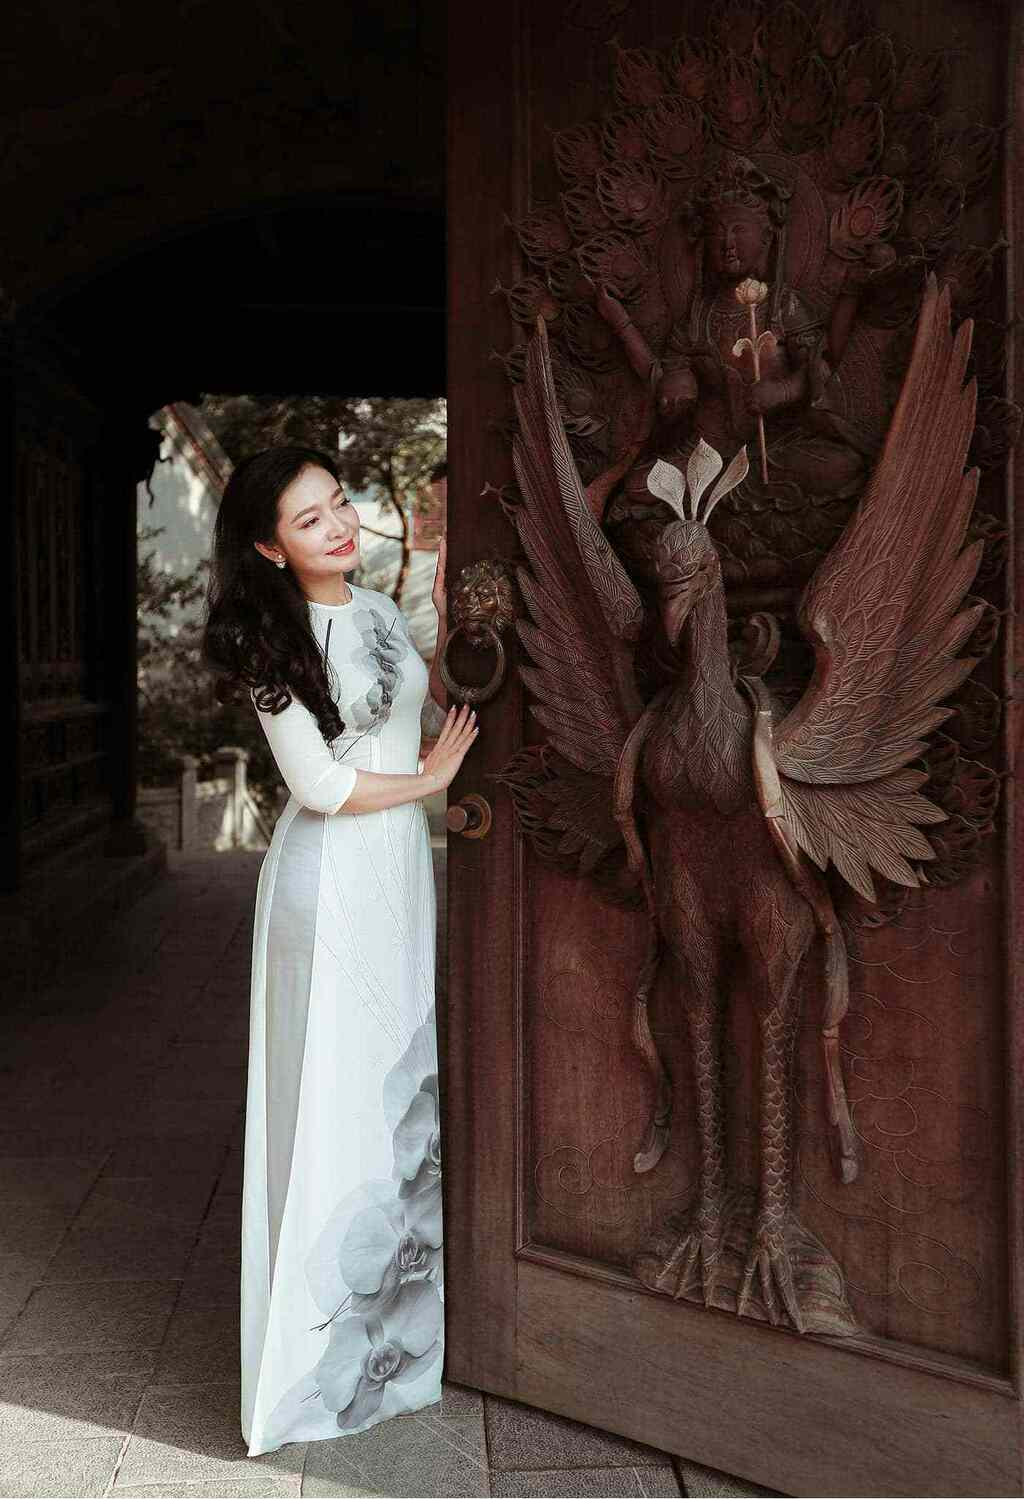 U50 quanh năm mực thước với áo dài vì tôn thờ vẻ đẹp cốt cách người Hà Nội - ảnh 10